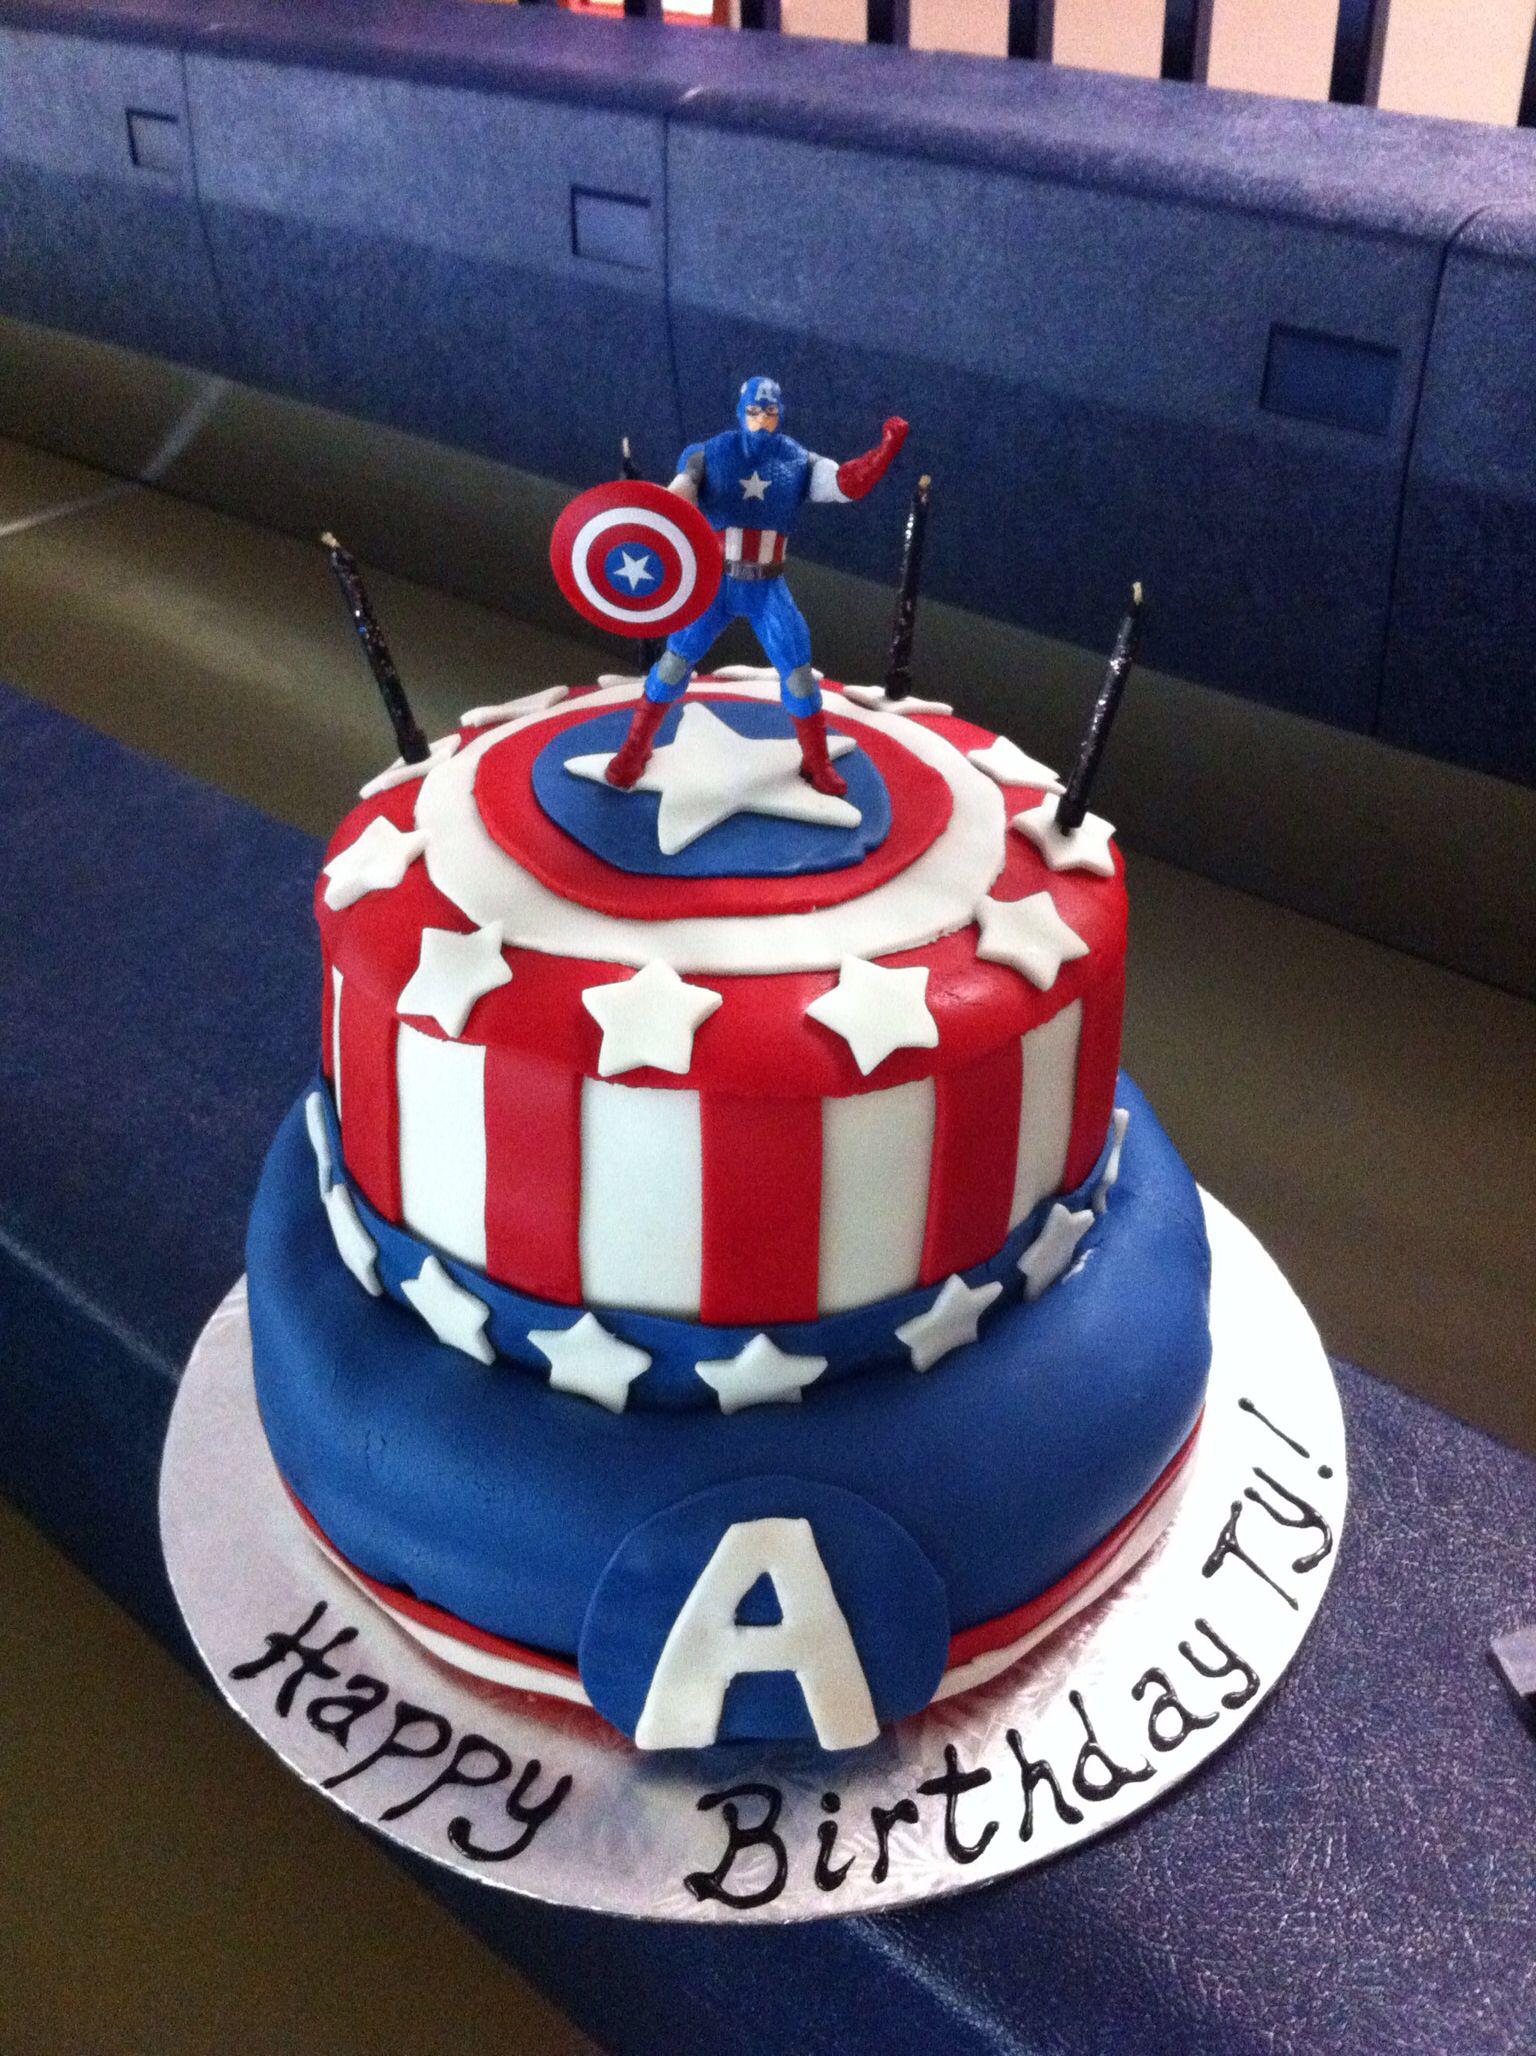 Cake Decorations At Tesco : Hulk Birthday Cake Tesco ~ Image Inspiration of Cake and ...